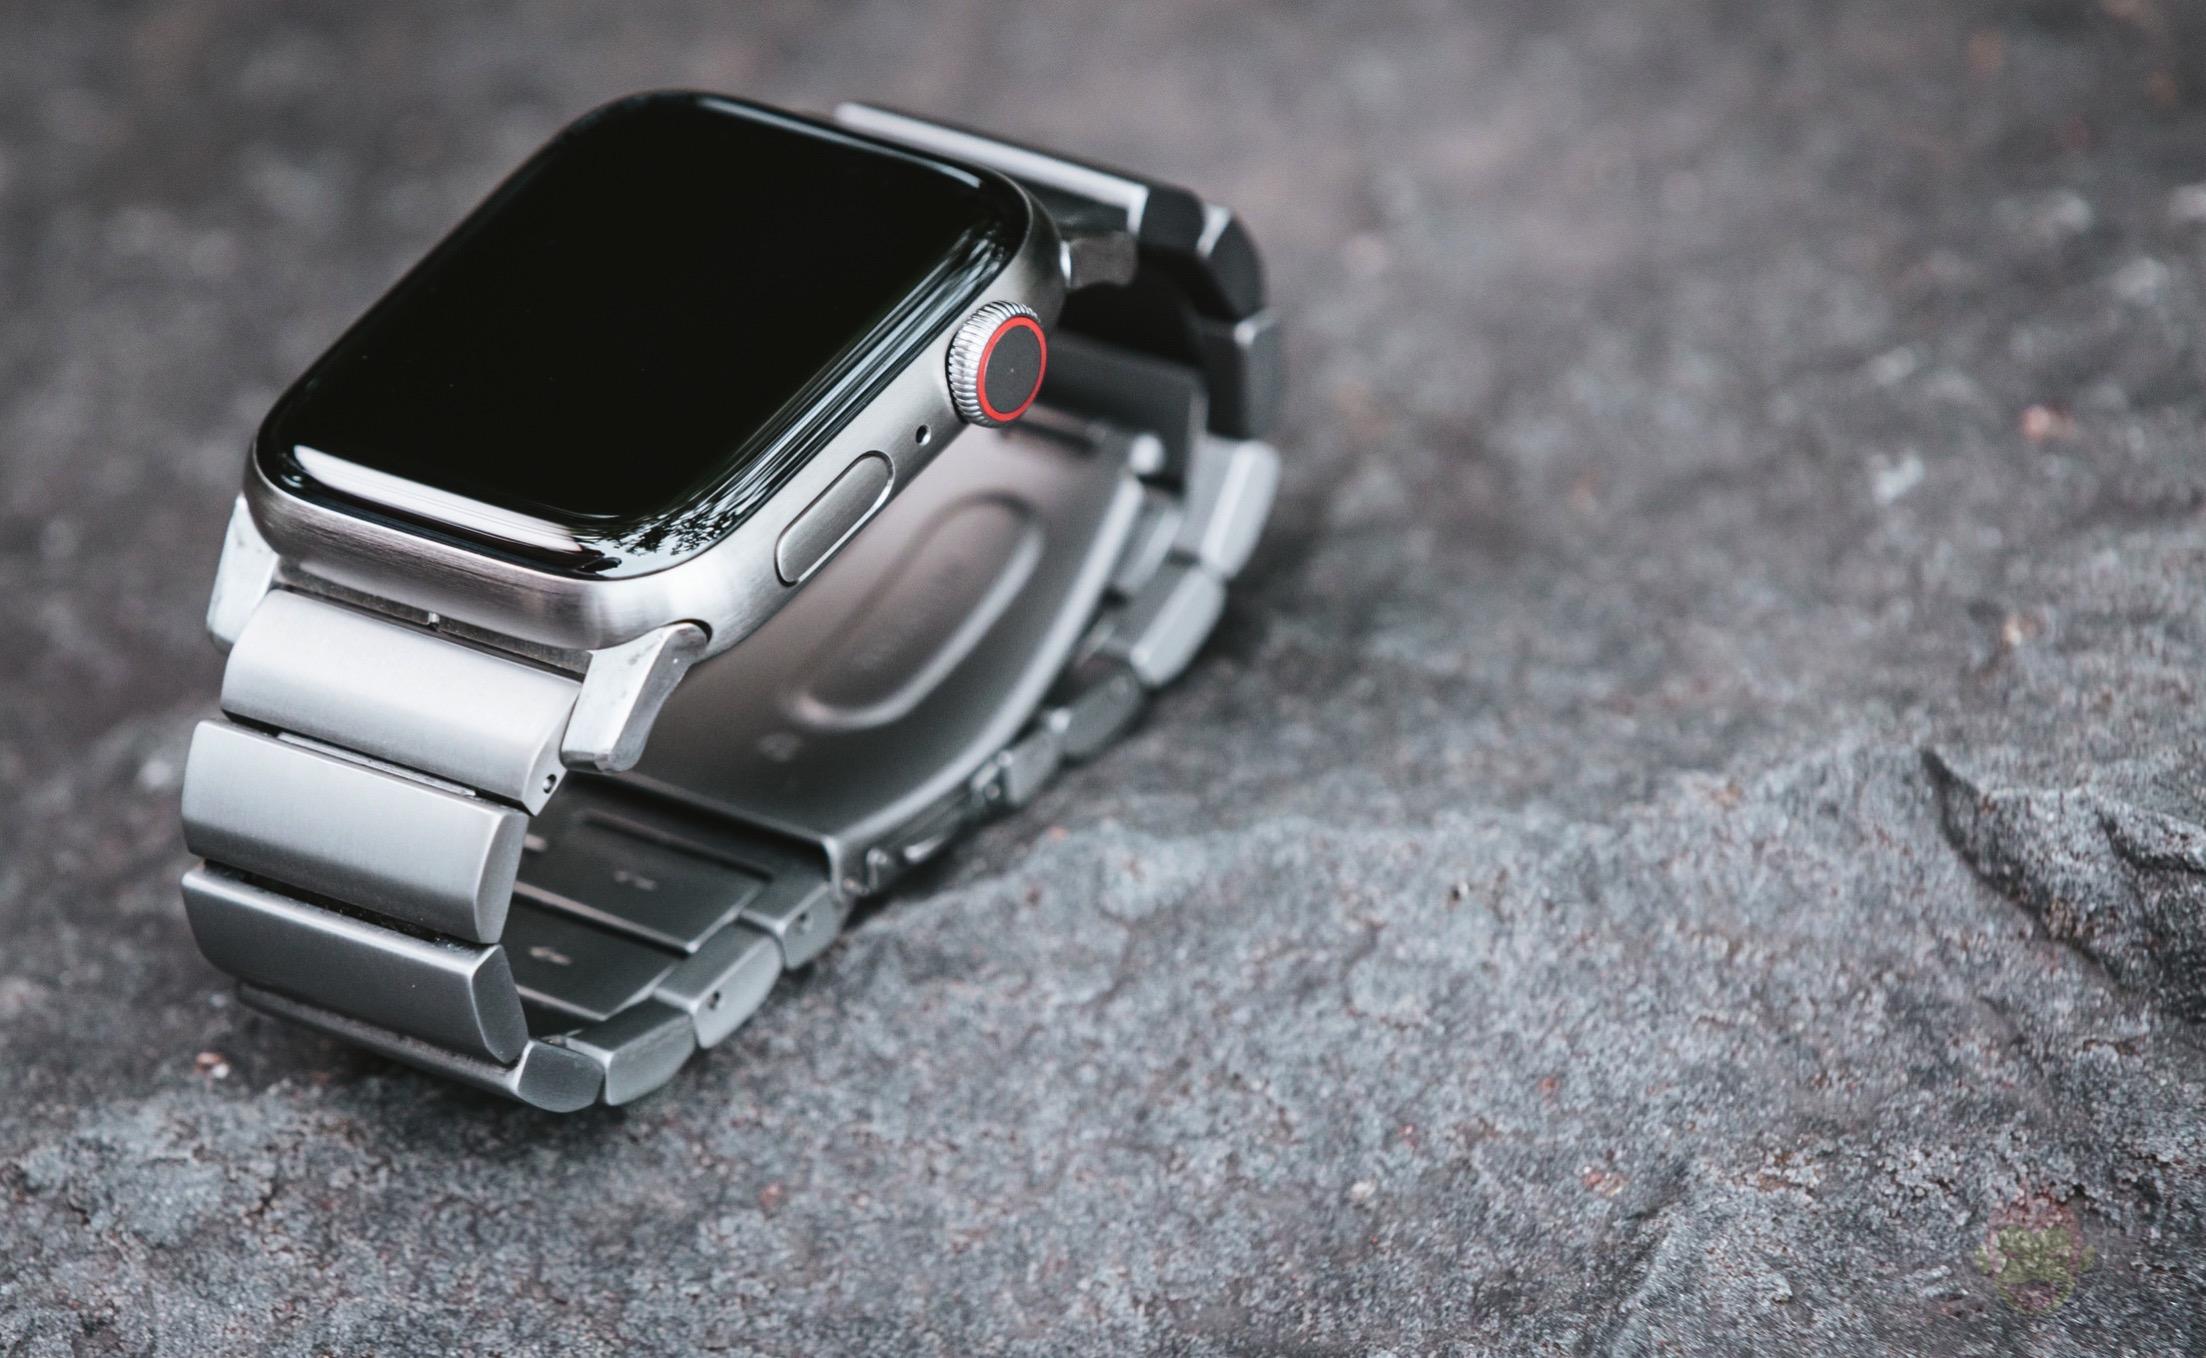 Apple-Watch-Series-5-Review-03.jpg